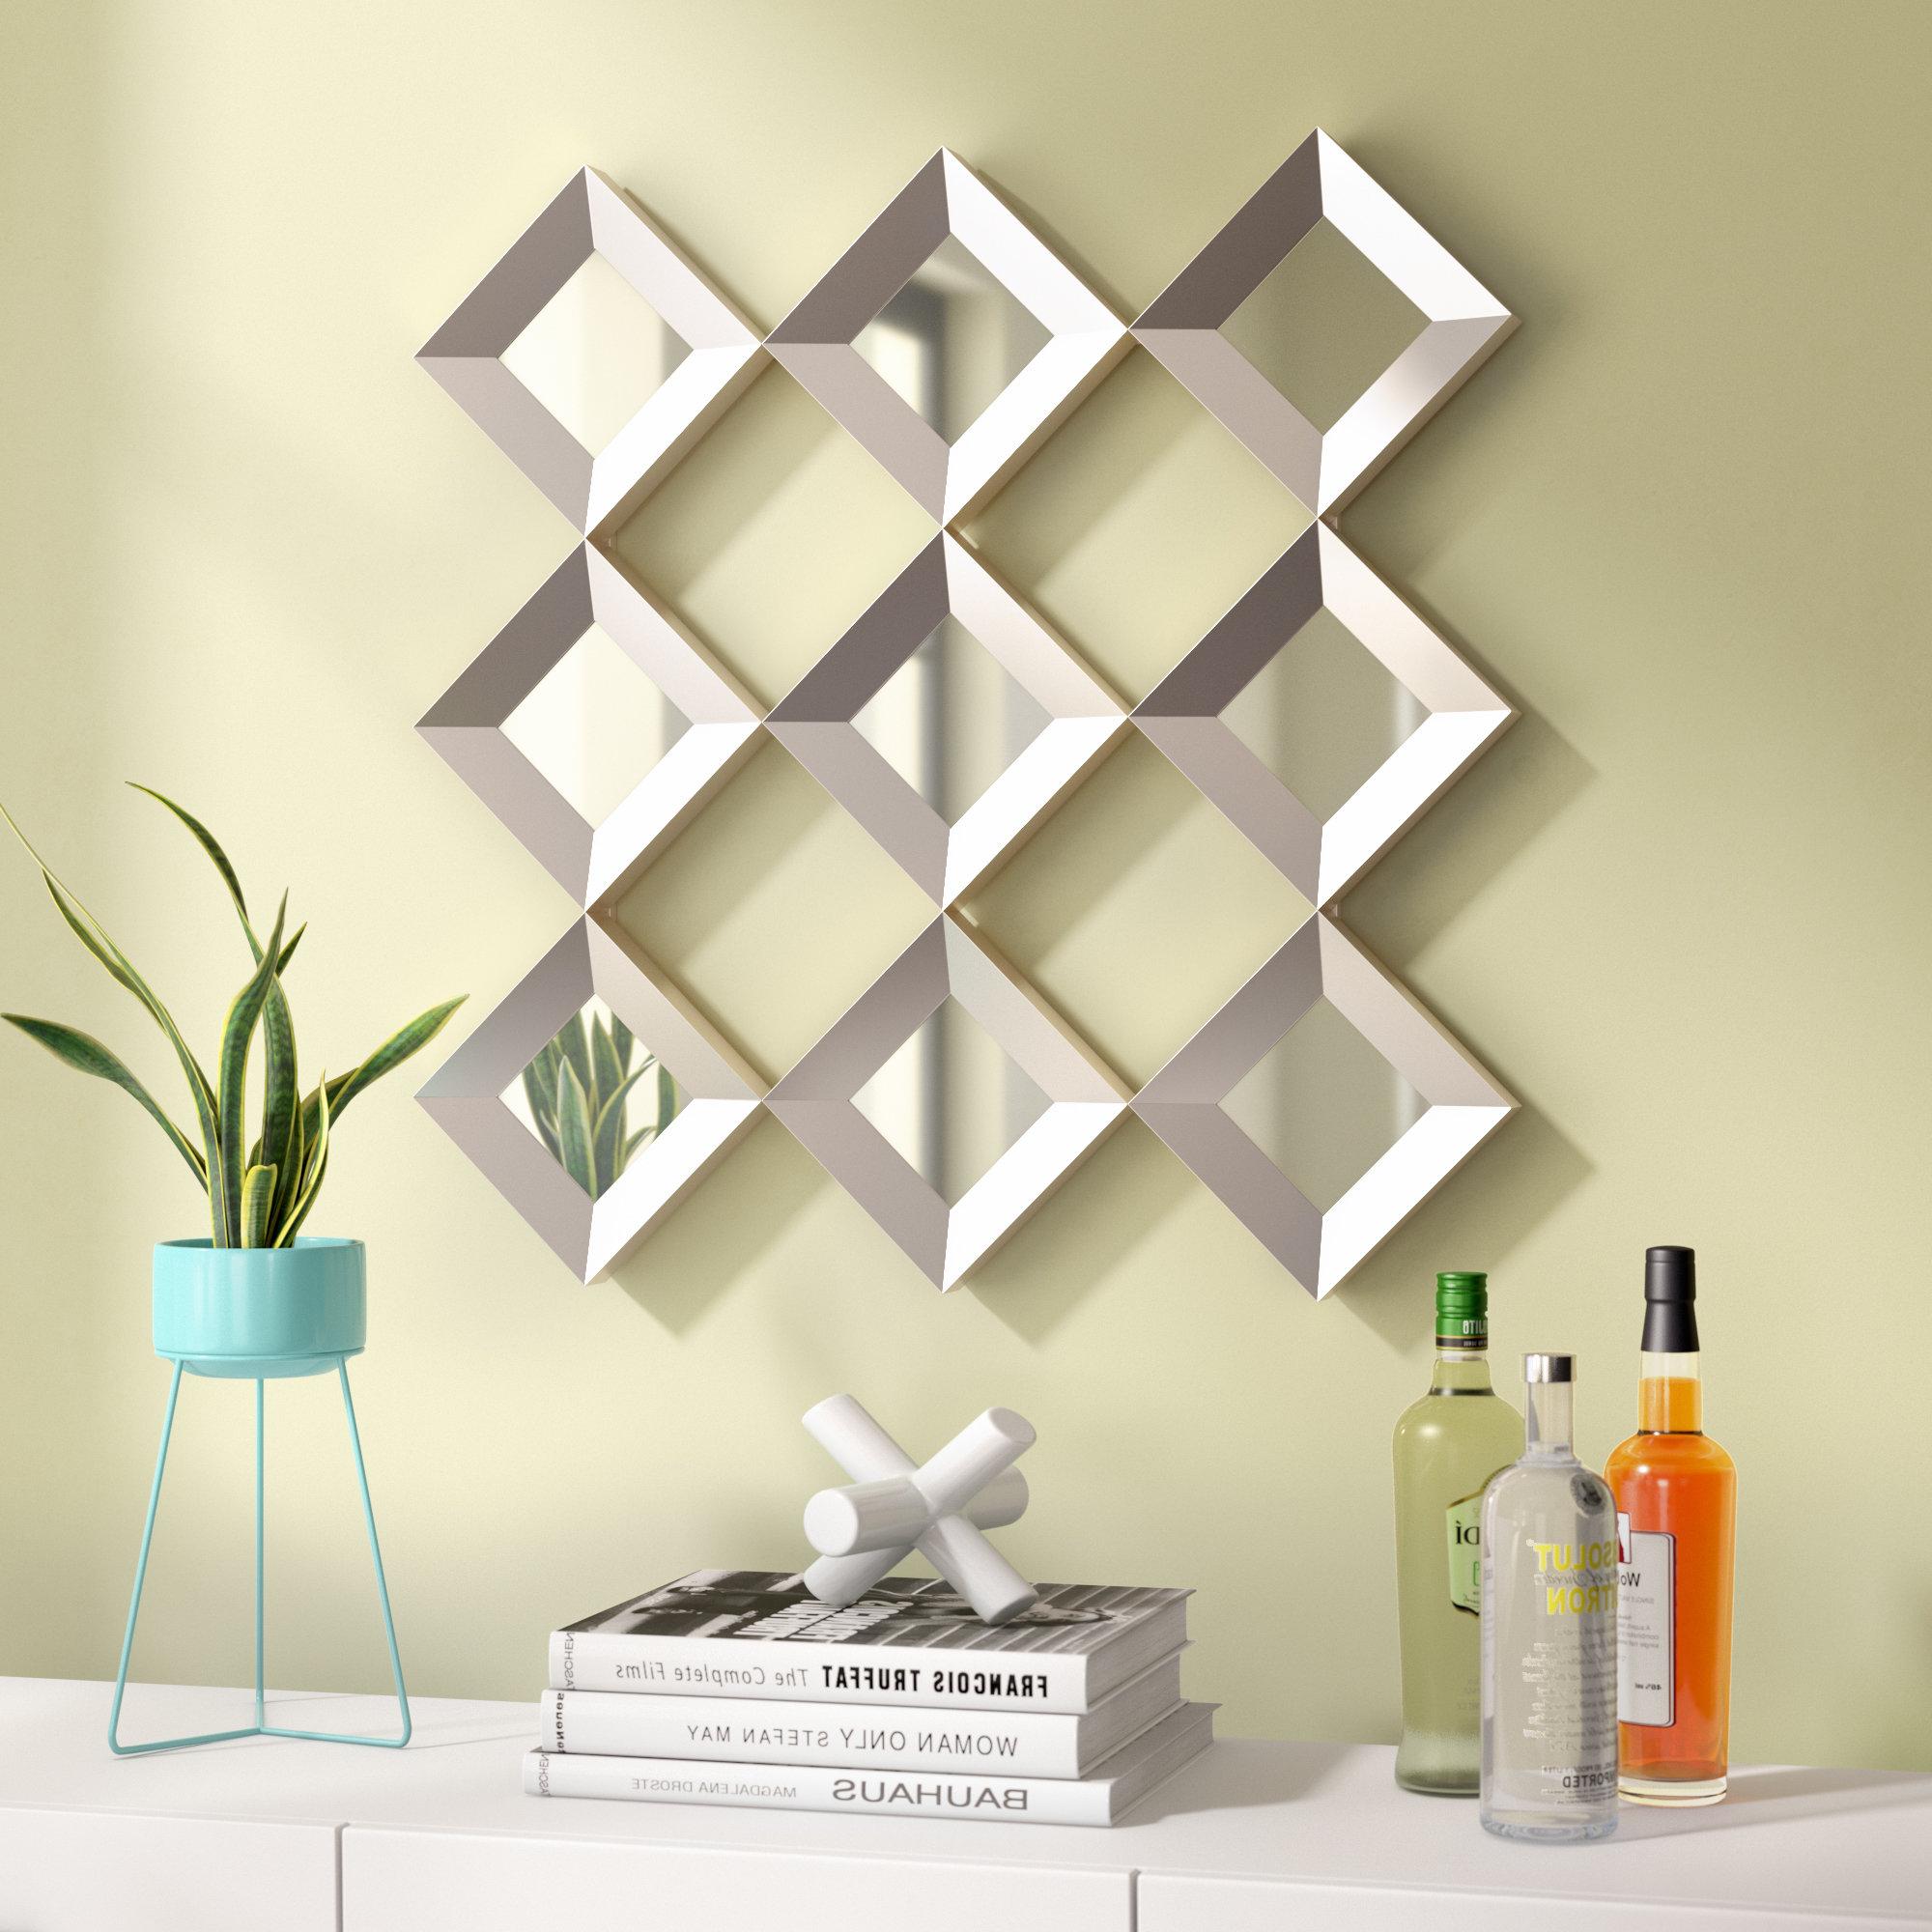 Preferred Fredela Decorative Wall Mirror Throughout Decorative Wall Mirrors (View 15 of 20)